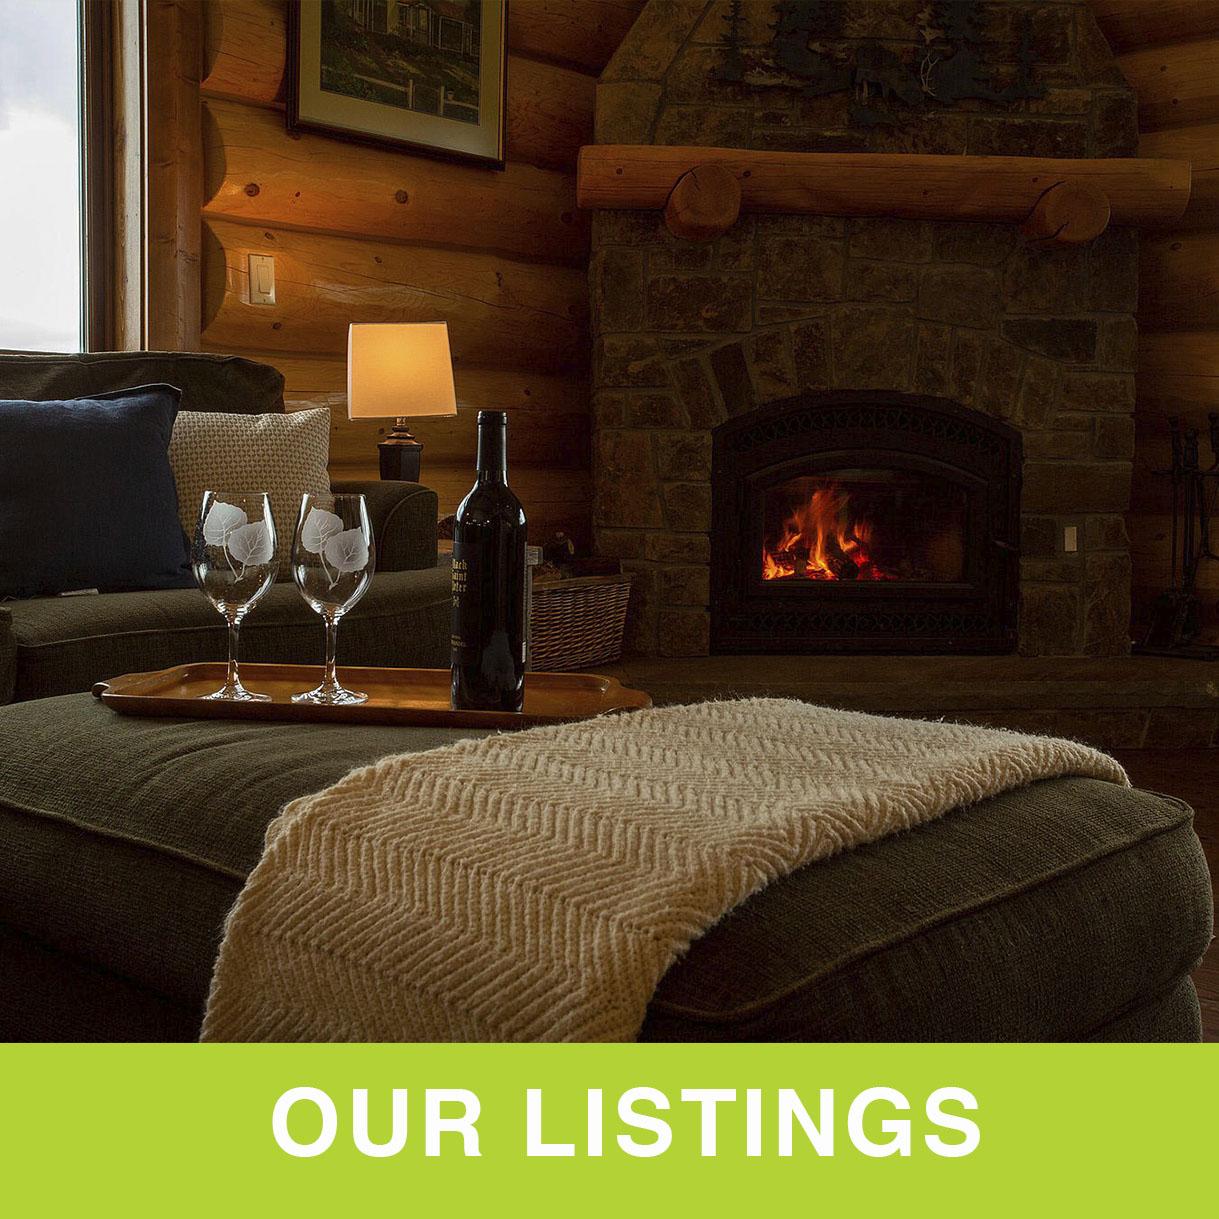 The Scott Dillard's listings